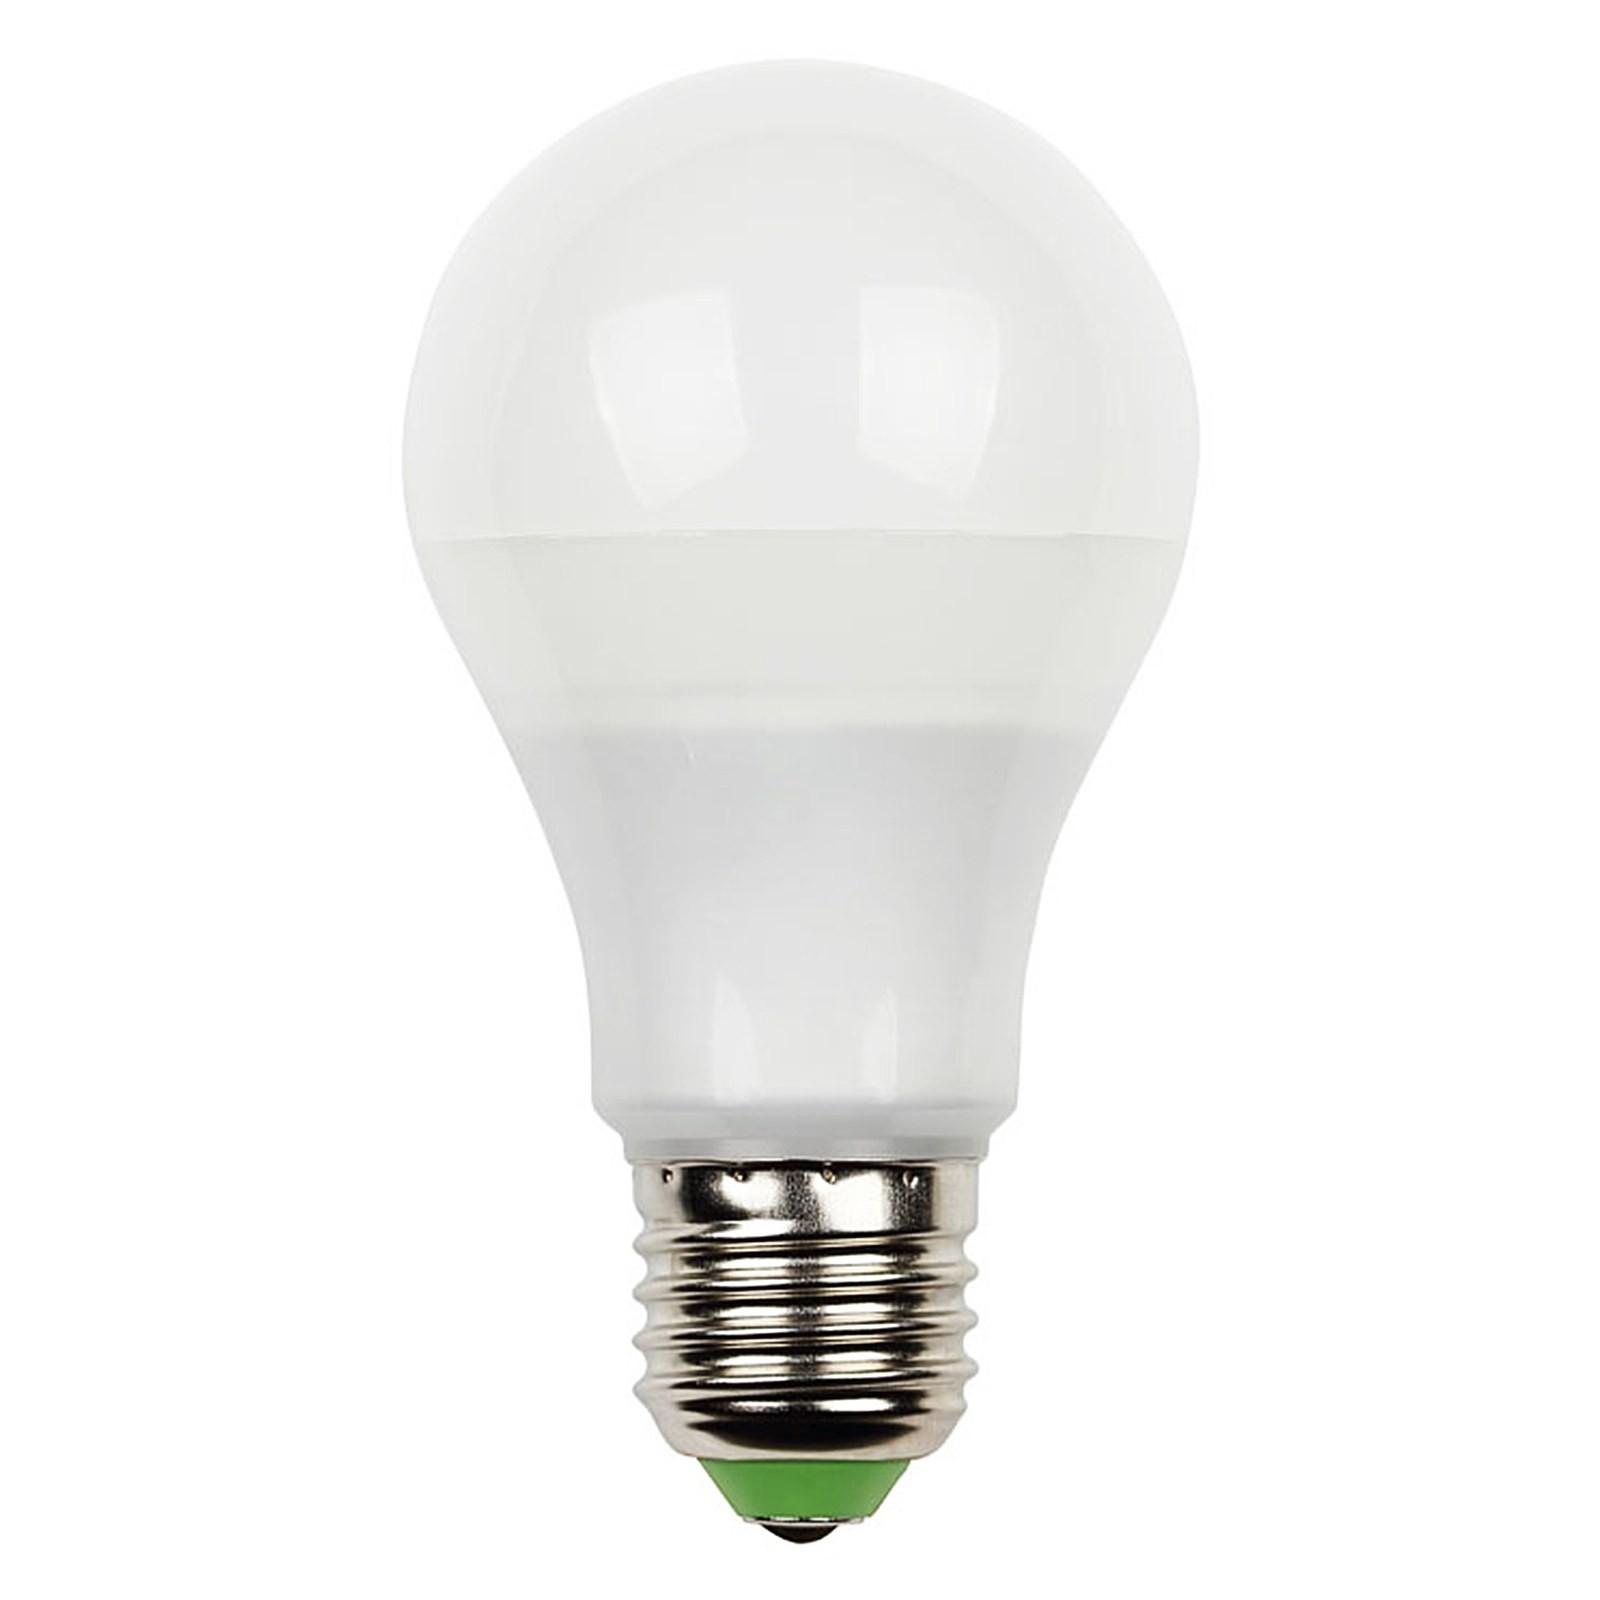 3 pz lampade lampada lampadine a led luce calda attacco for Led luce calda